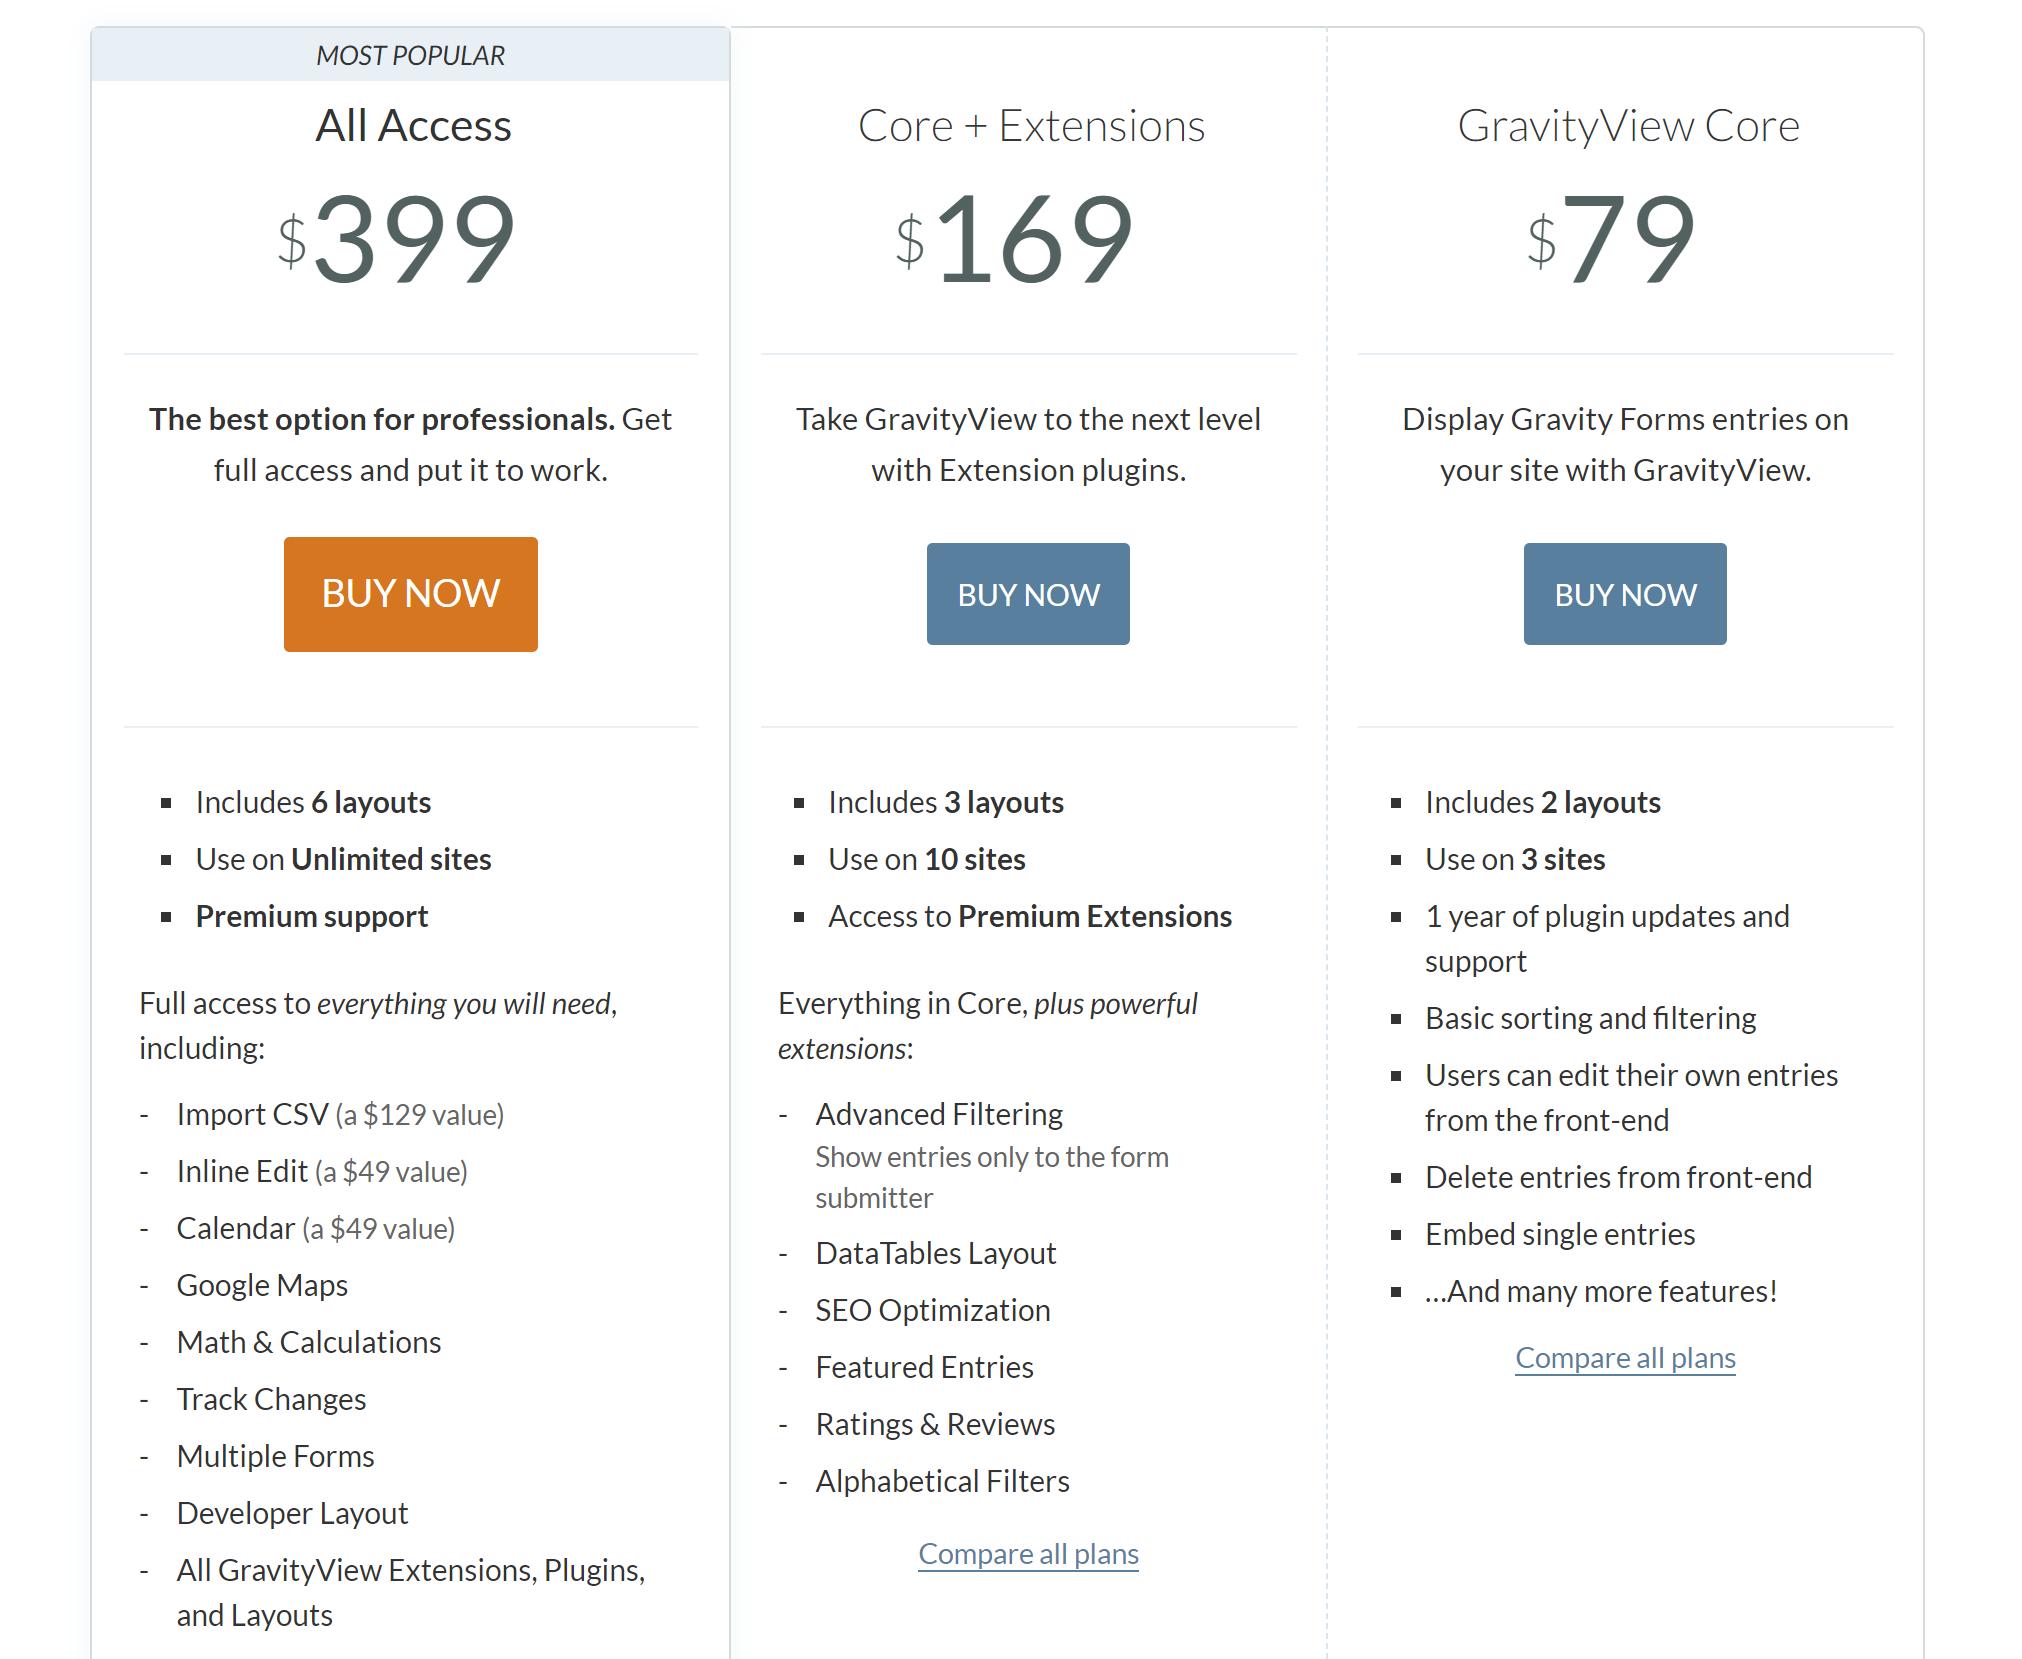 La página de precios de GravityView